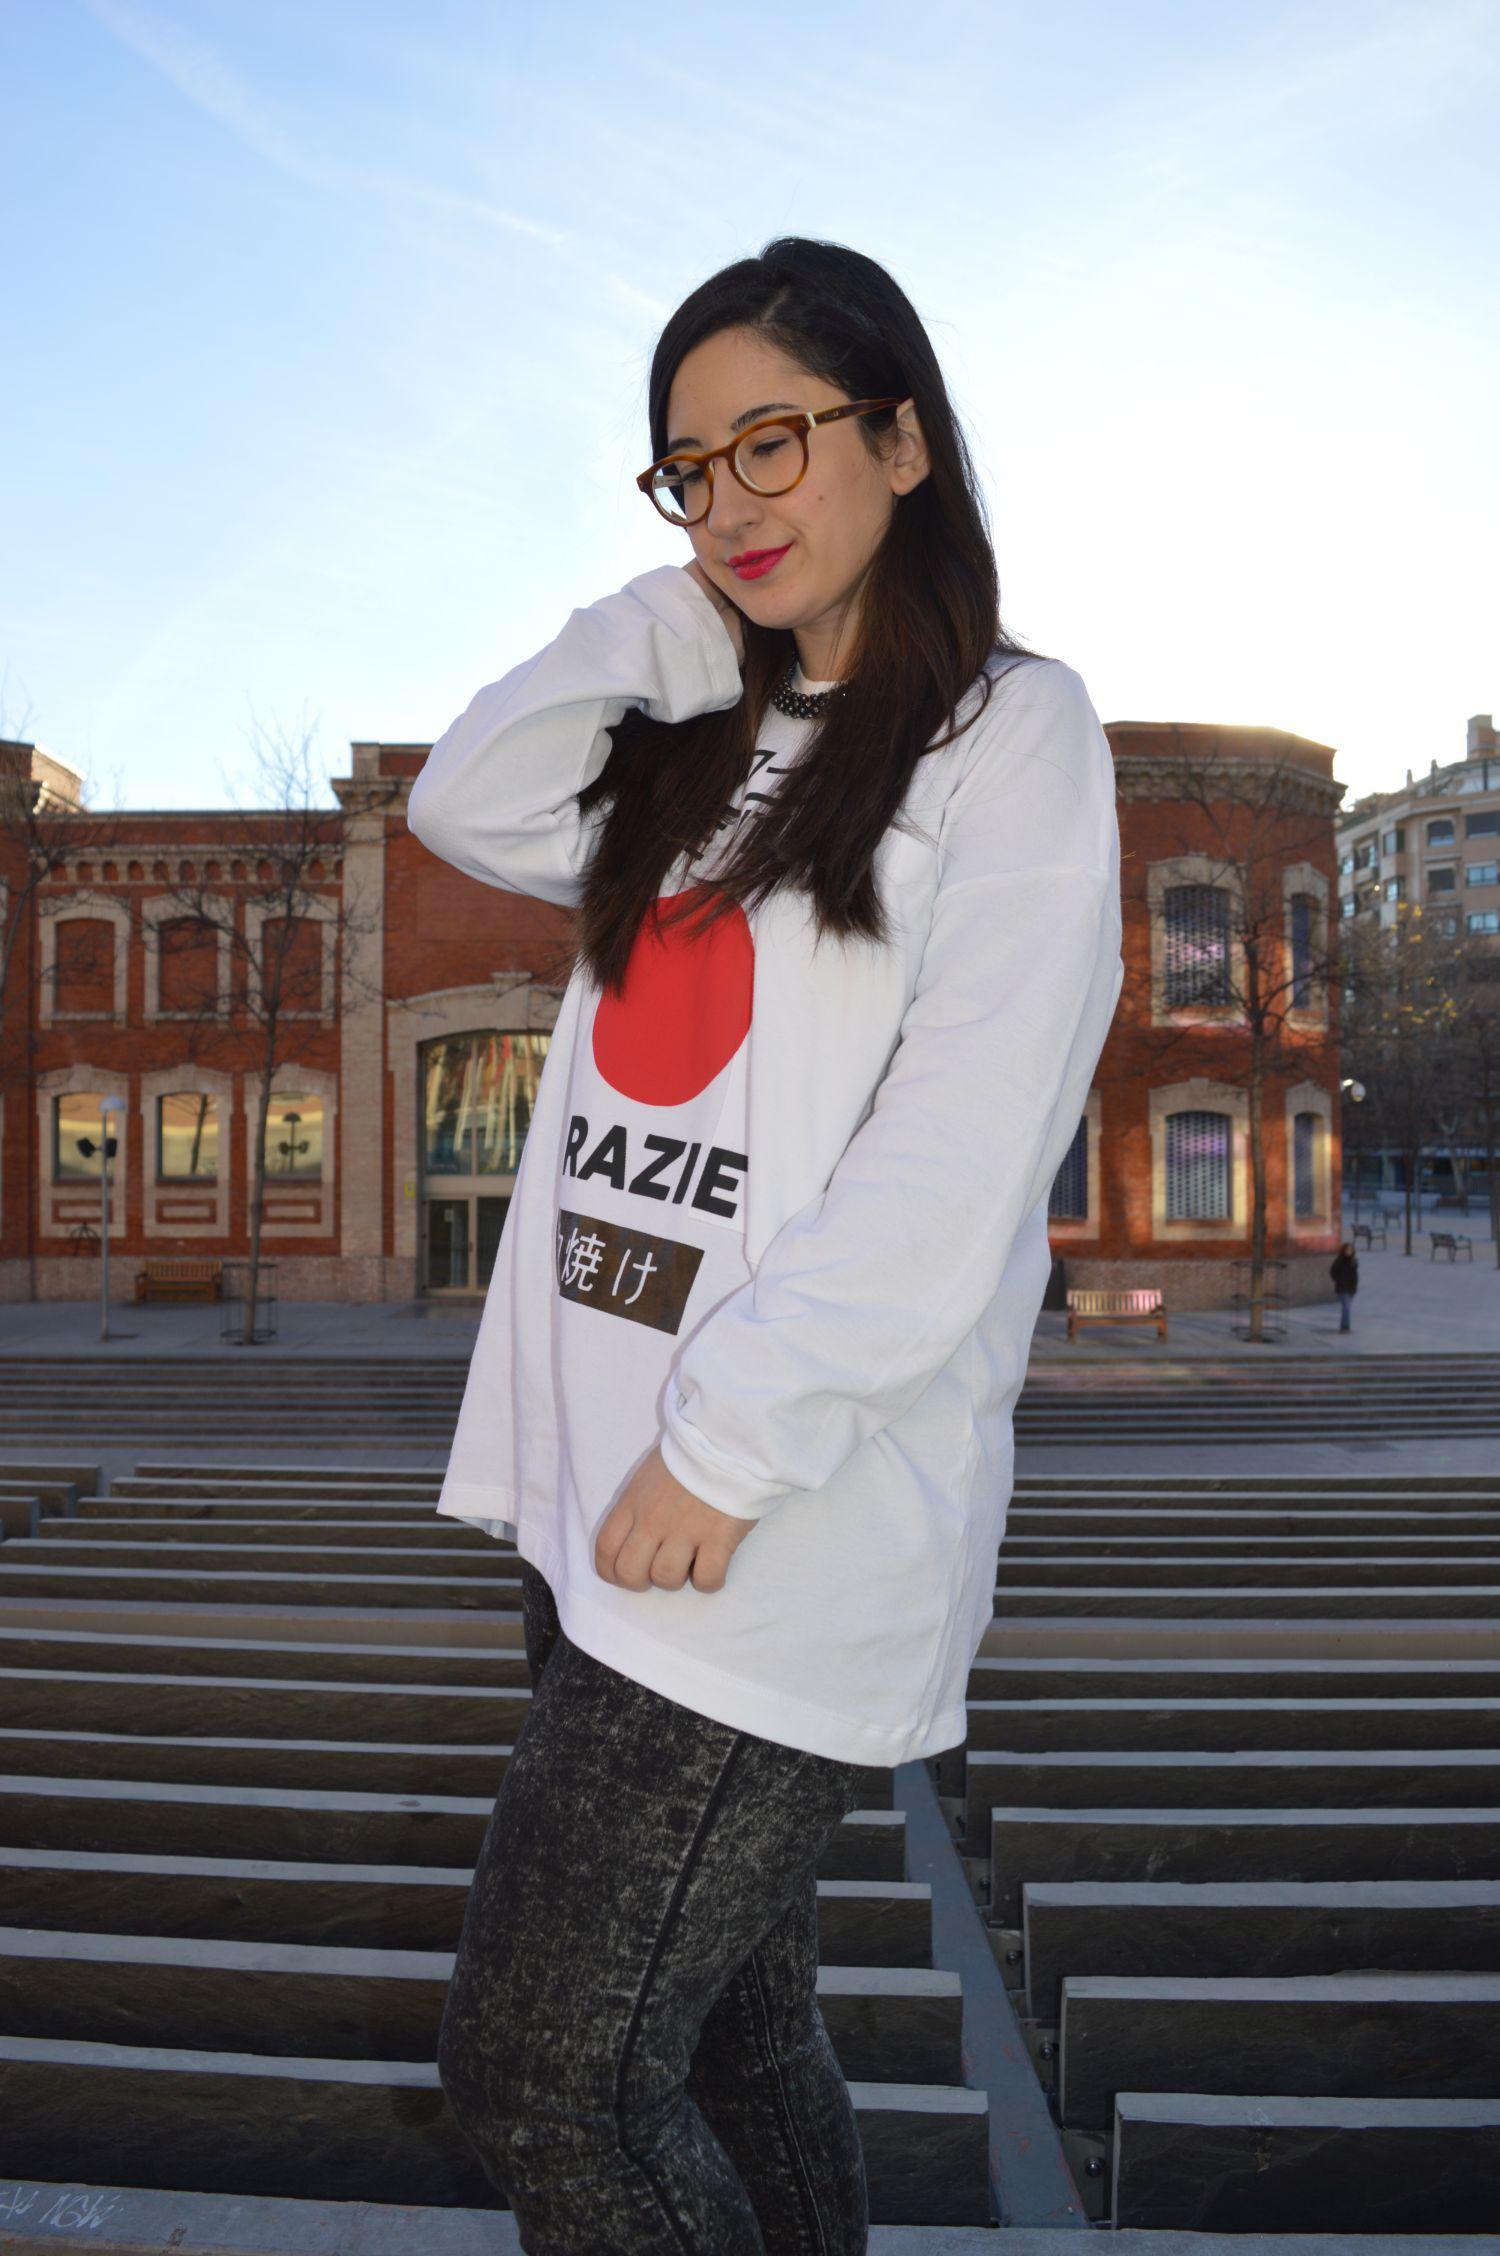 Camiseta de estilo oriental con letras japonesas